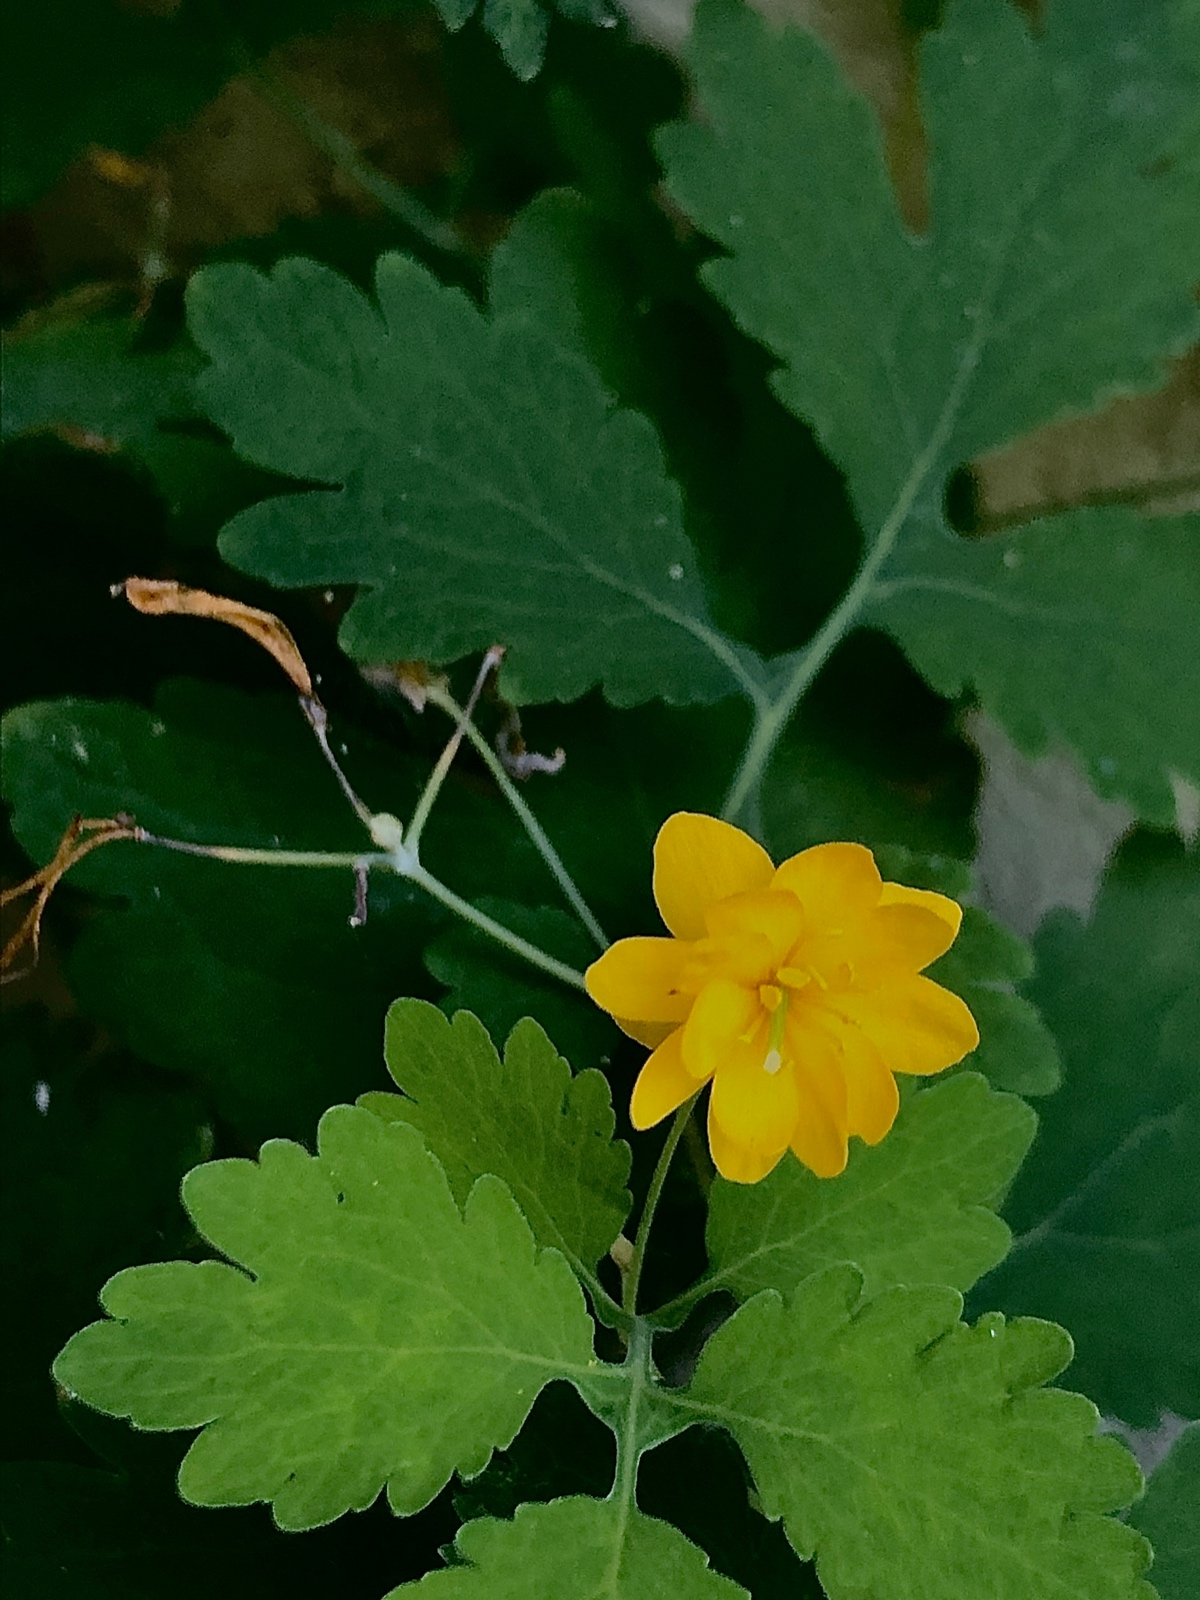 Emerging Yellow